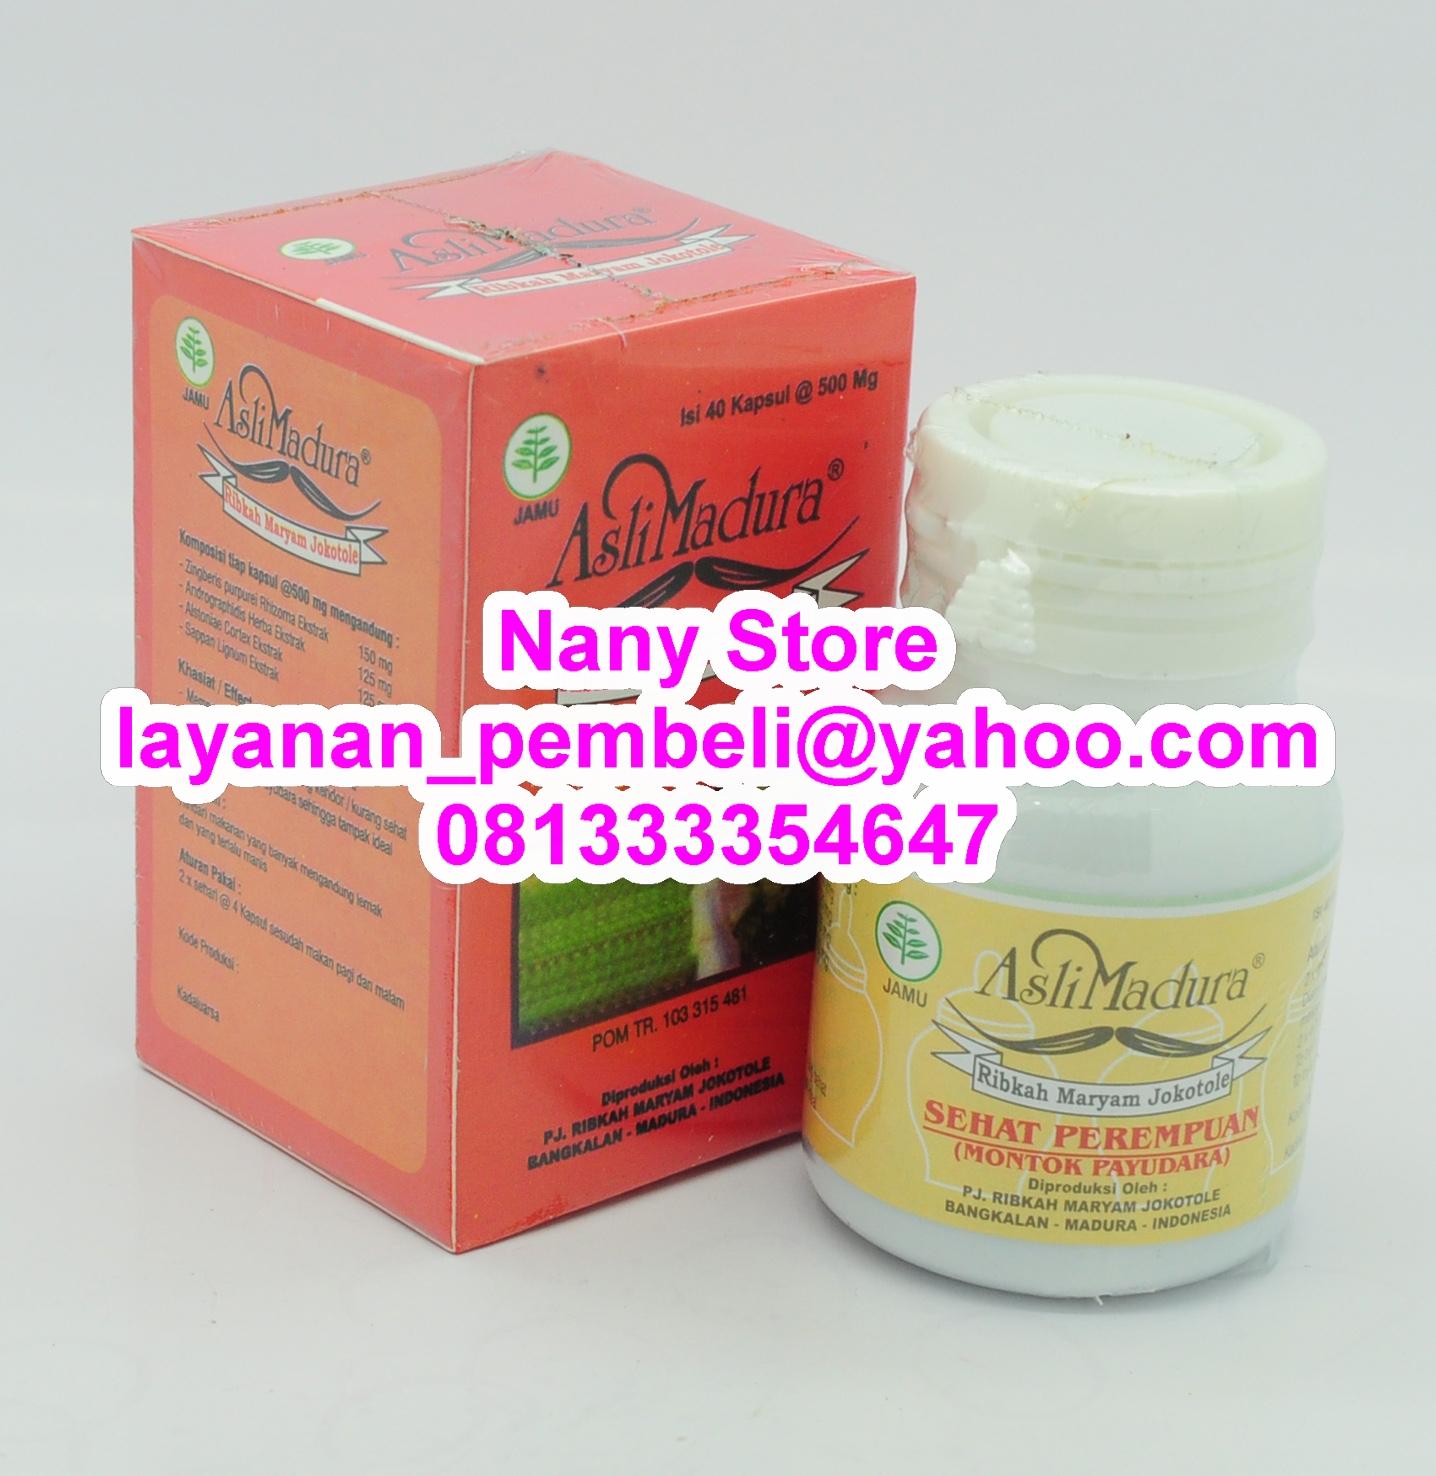 obat ejakulasi dini di apotik